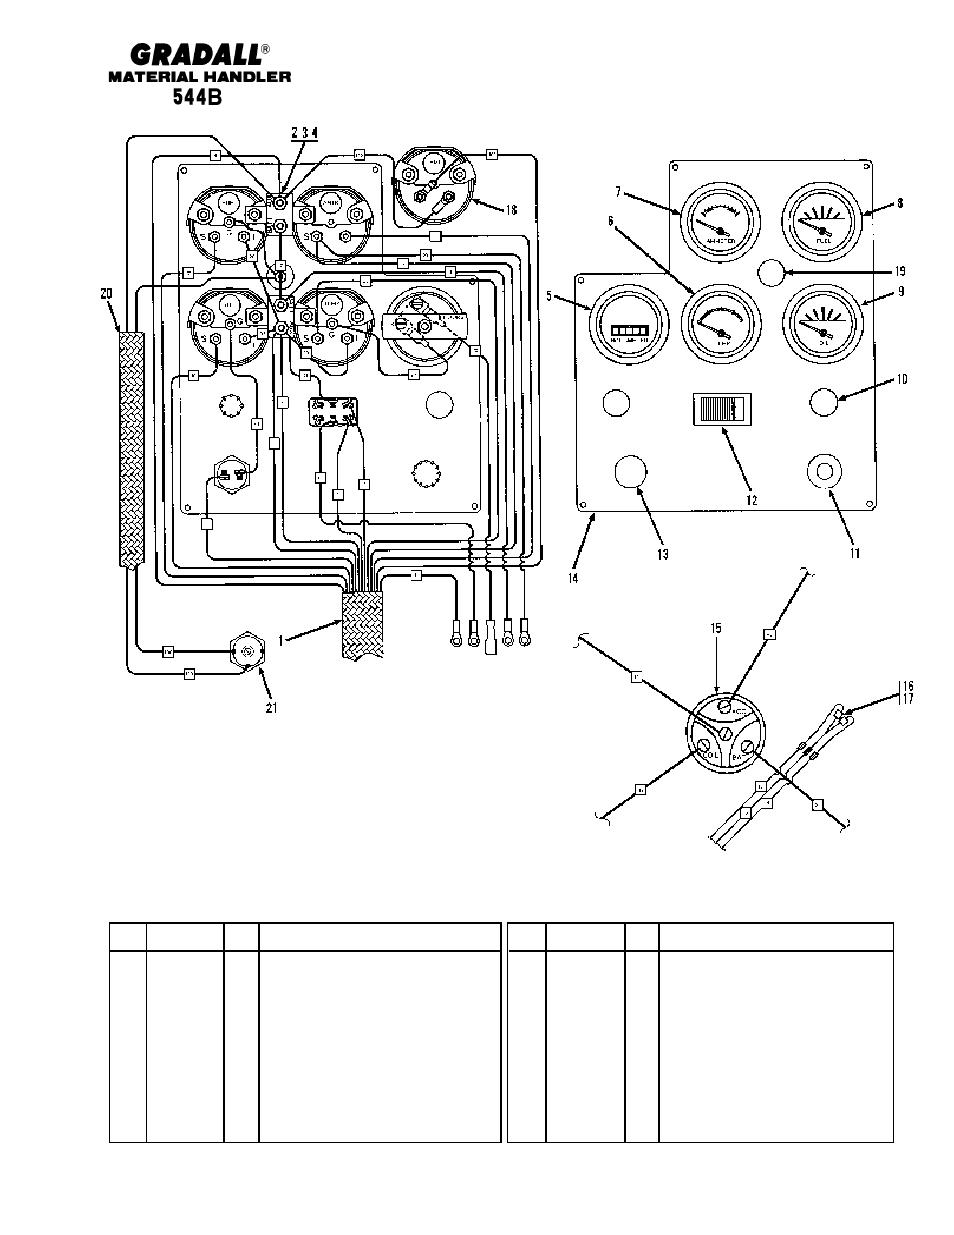 Diagram For Serpentine Belt On 1992 Mercedes 190e Showing Belt